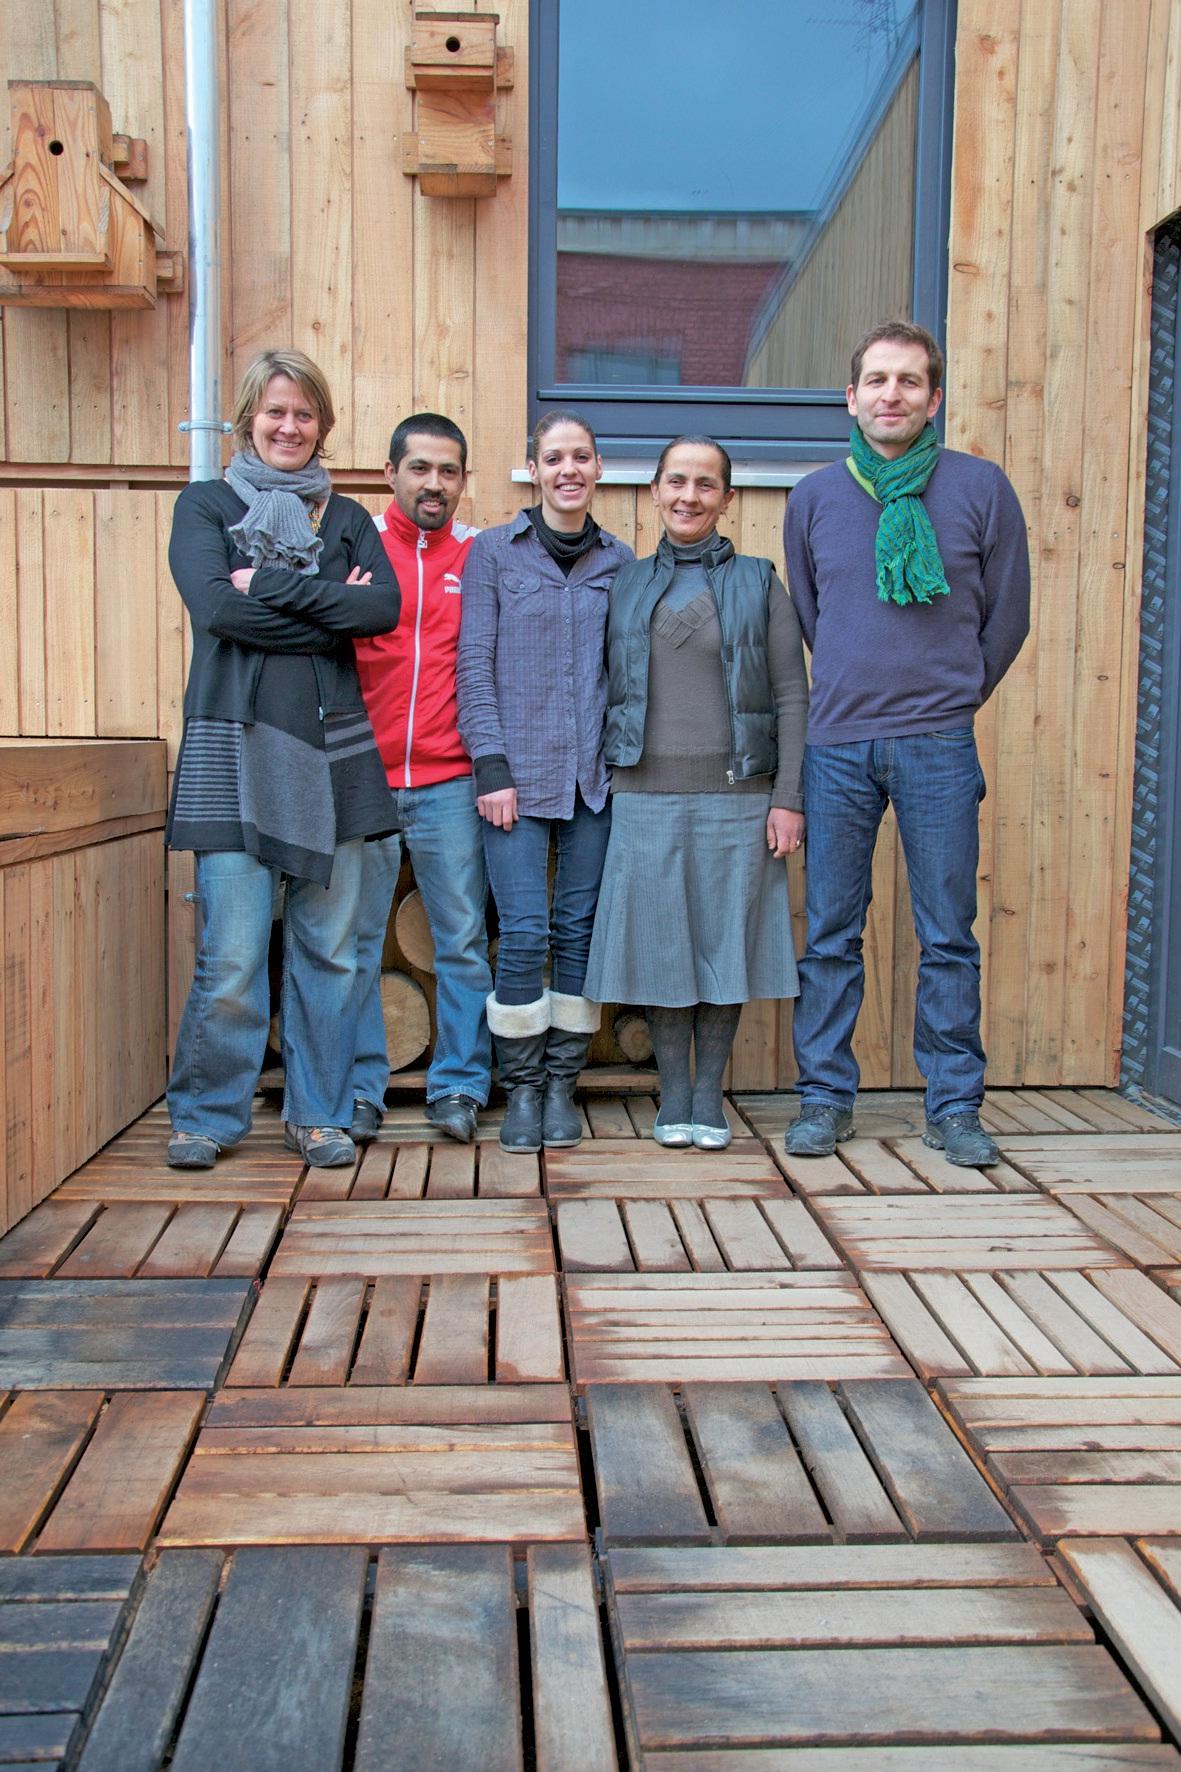 L'équipe de Baraka au grand complet : Pierre, le gérant, Caroline et David, les cuisiniers, et Aurore et Fatima, chargées du service.